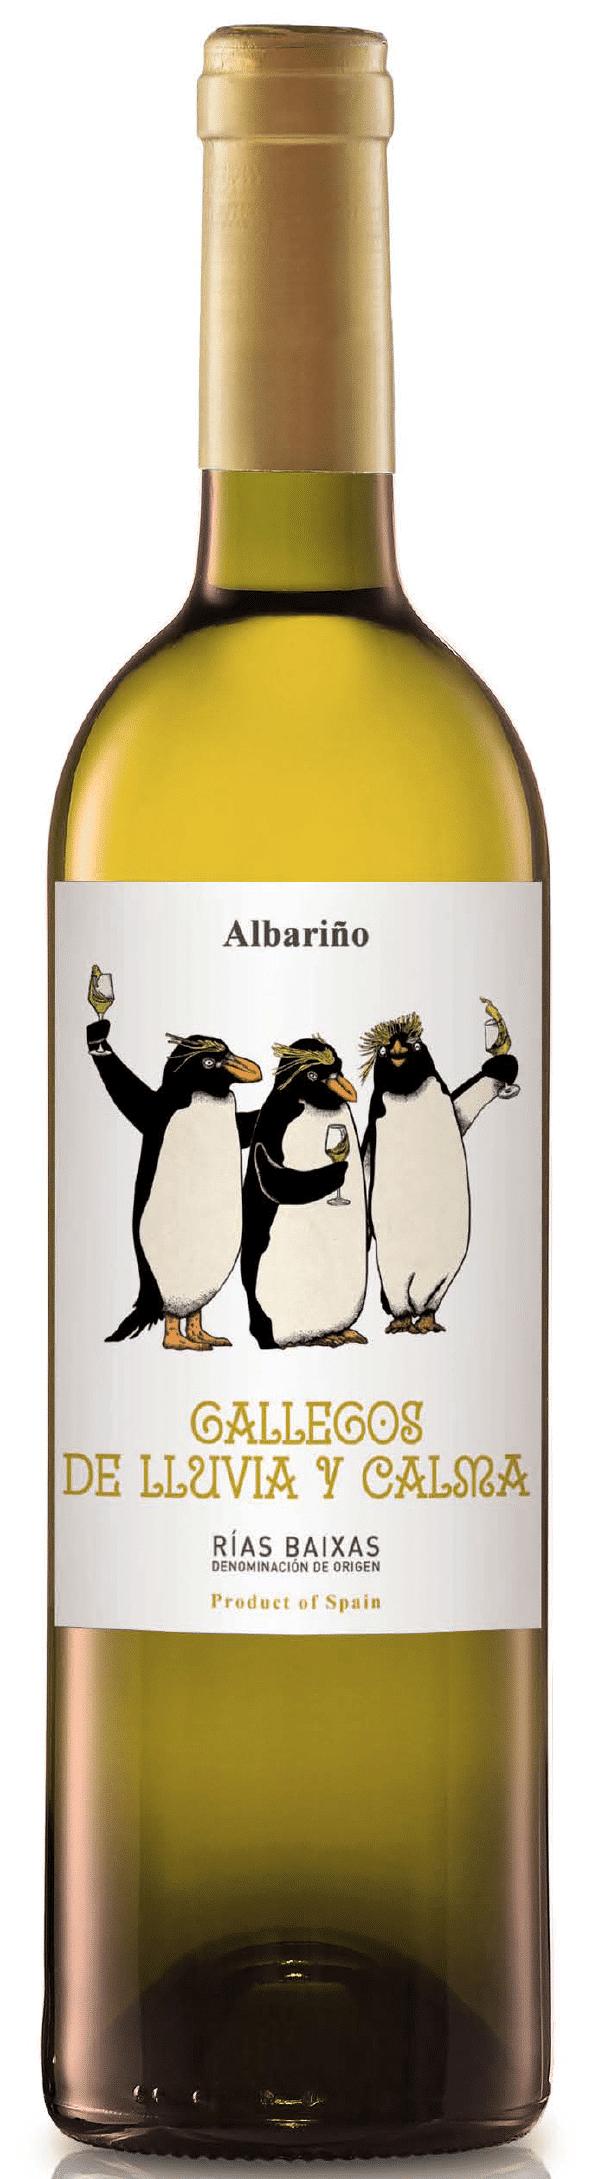 Gallegos de LLuvia y Calma albariño 2019 | Spanje | gemaakt van de druif: Albariño